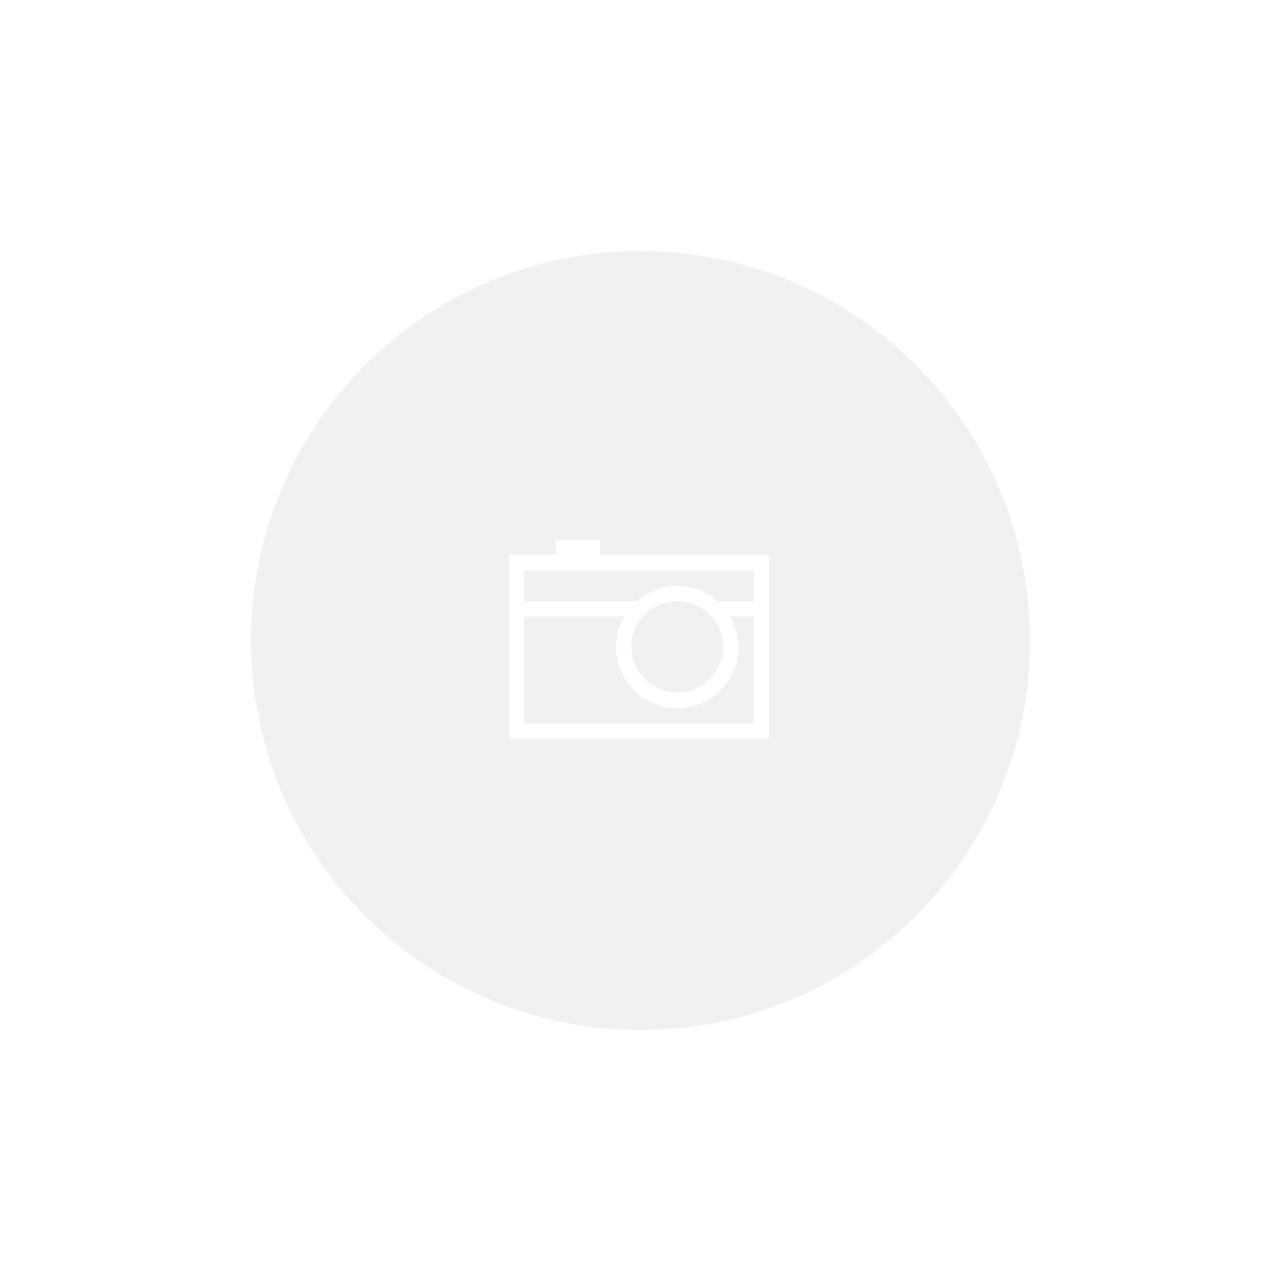 Sandália rasteira linda com detalhe de pedrarias